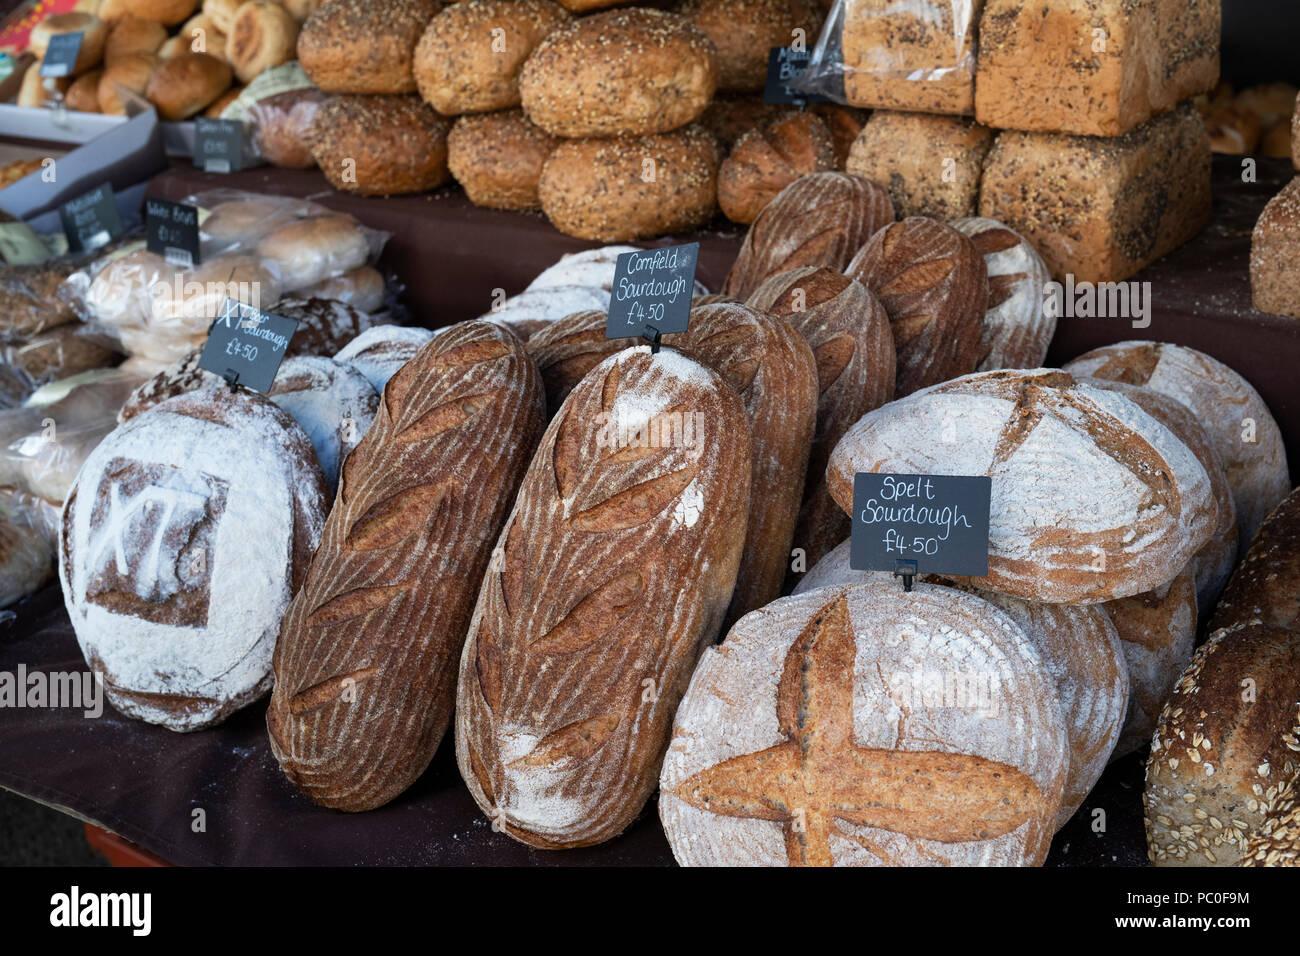 Sauerteigbrot für Verkauf auf einen Stall zu einem Bauernmarkt. Deddington, Oxfordshire, England Stockbild